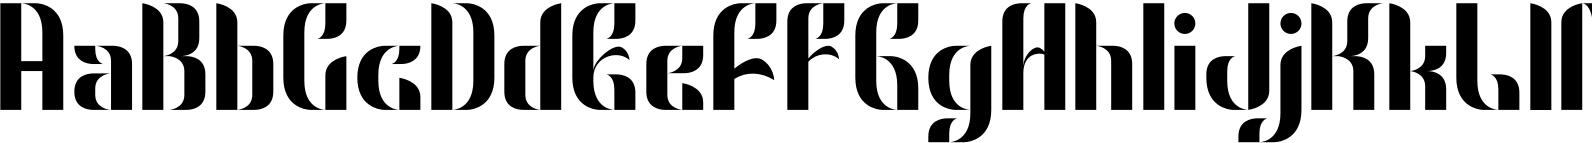 Bedempank